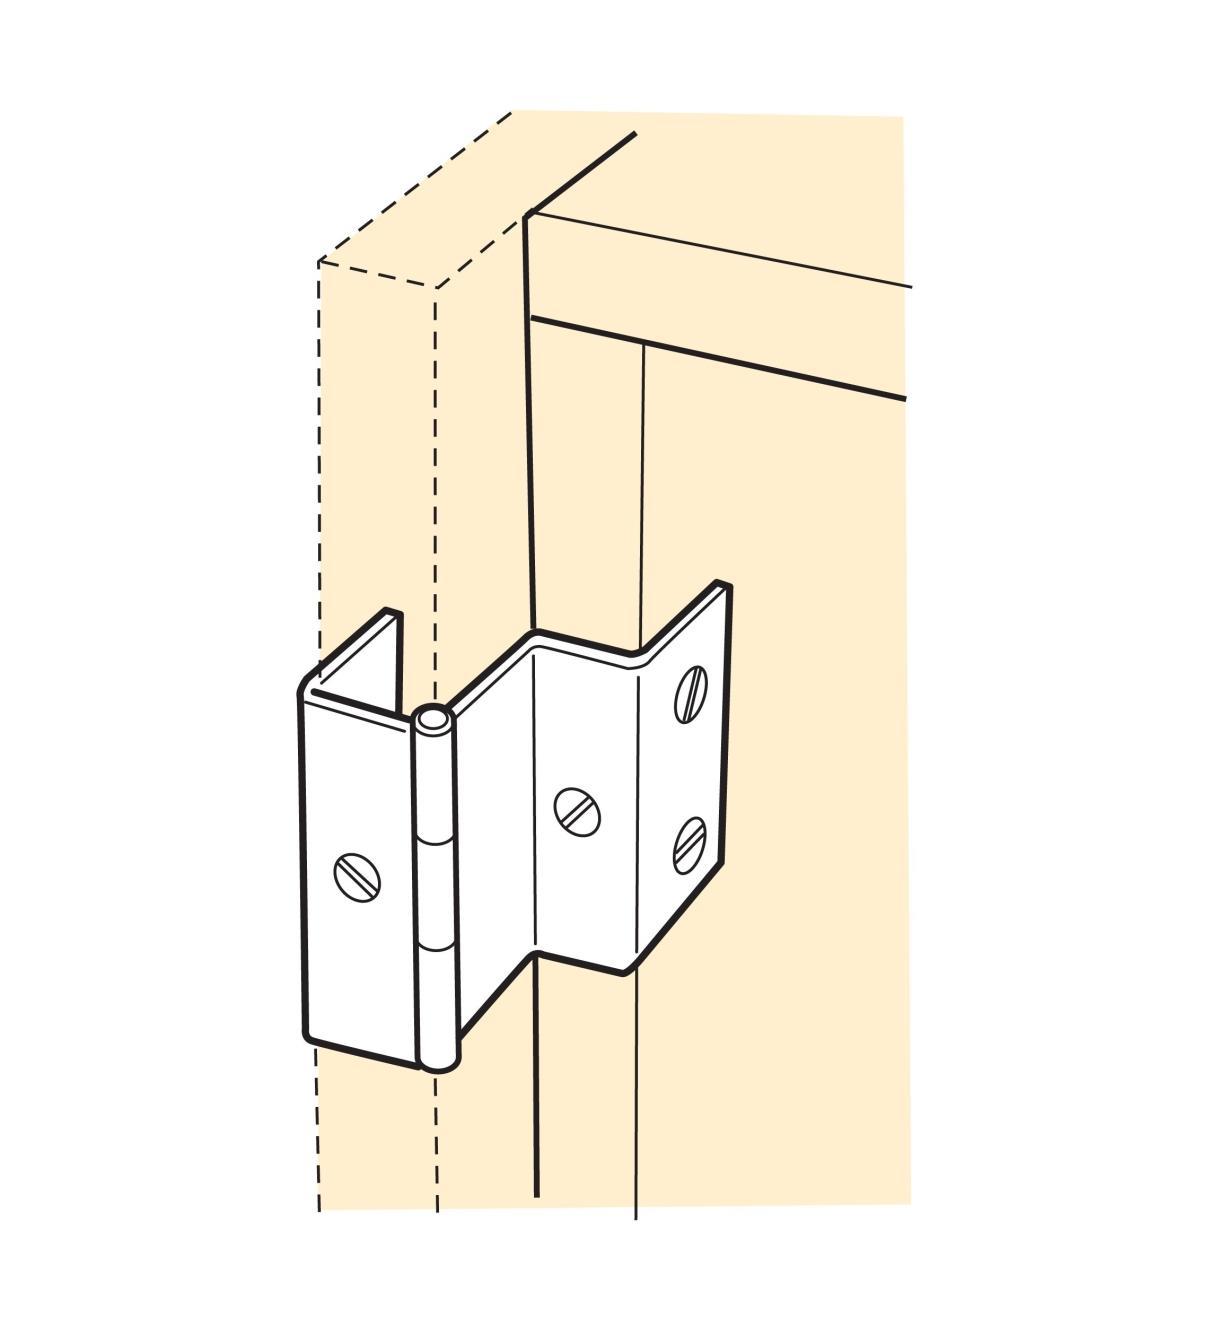 00H6201 - Fold-Back Hinges, pr.